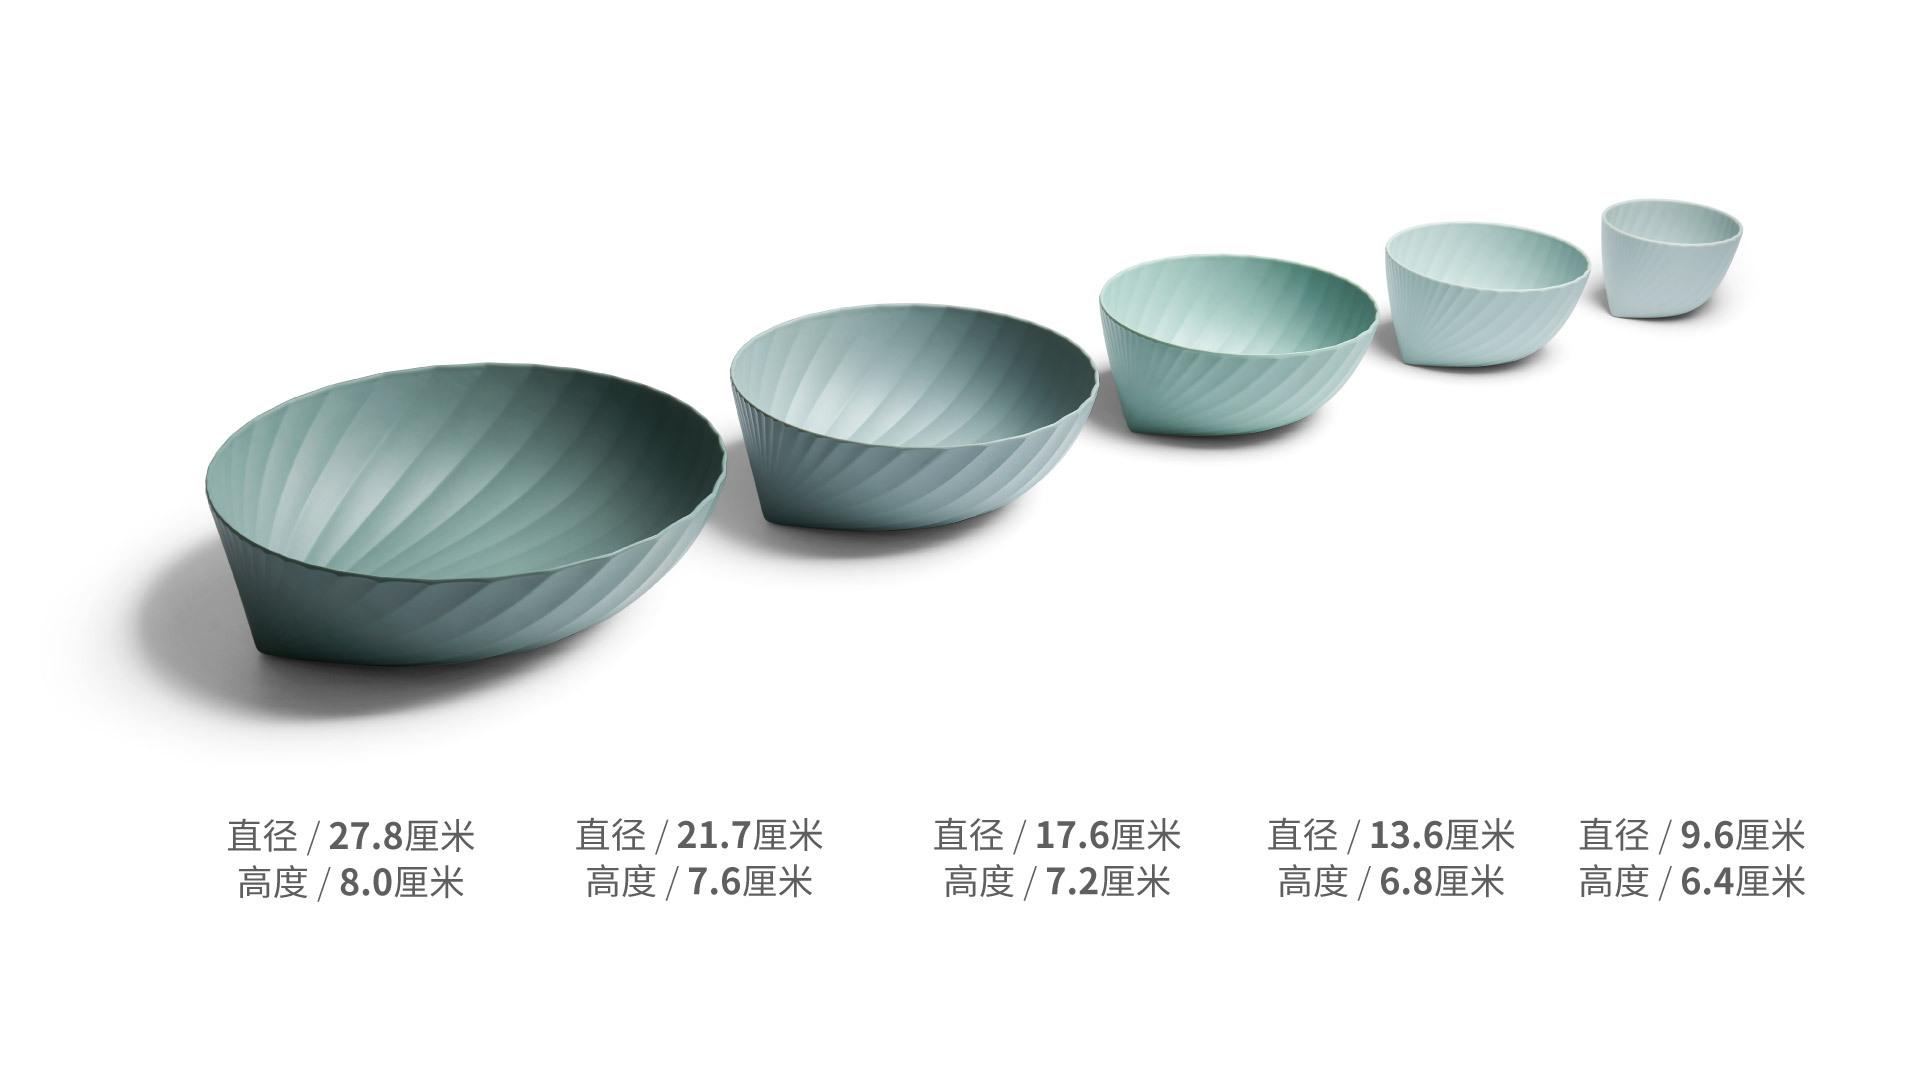 造作茶花套碗™餐具效果图